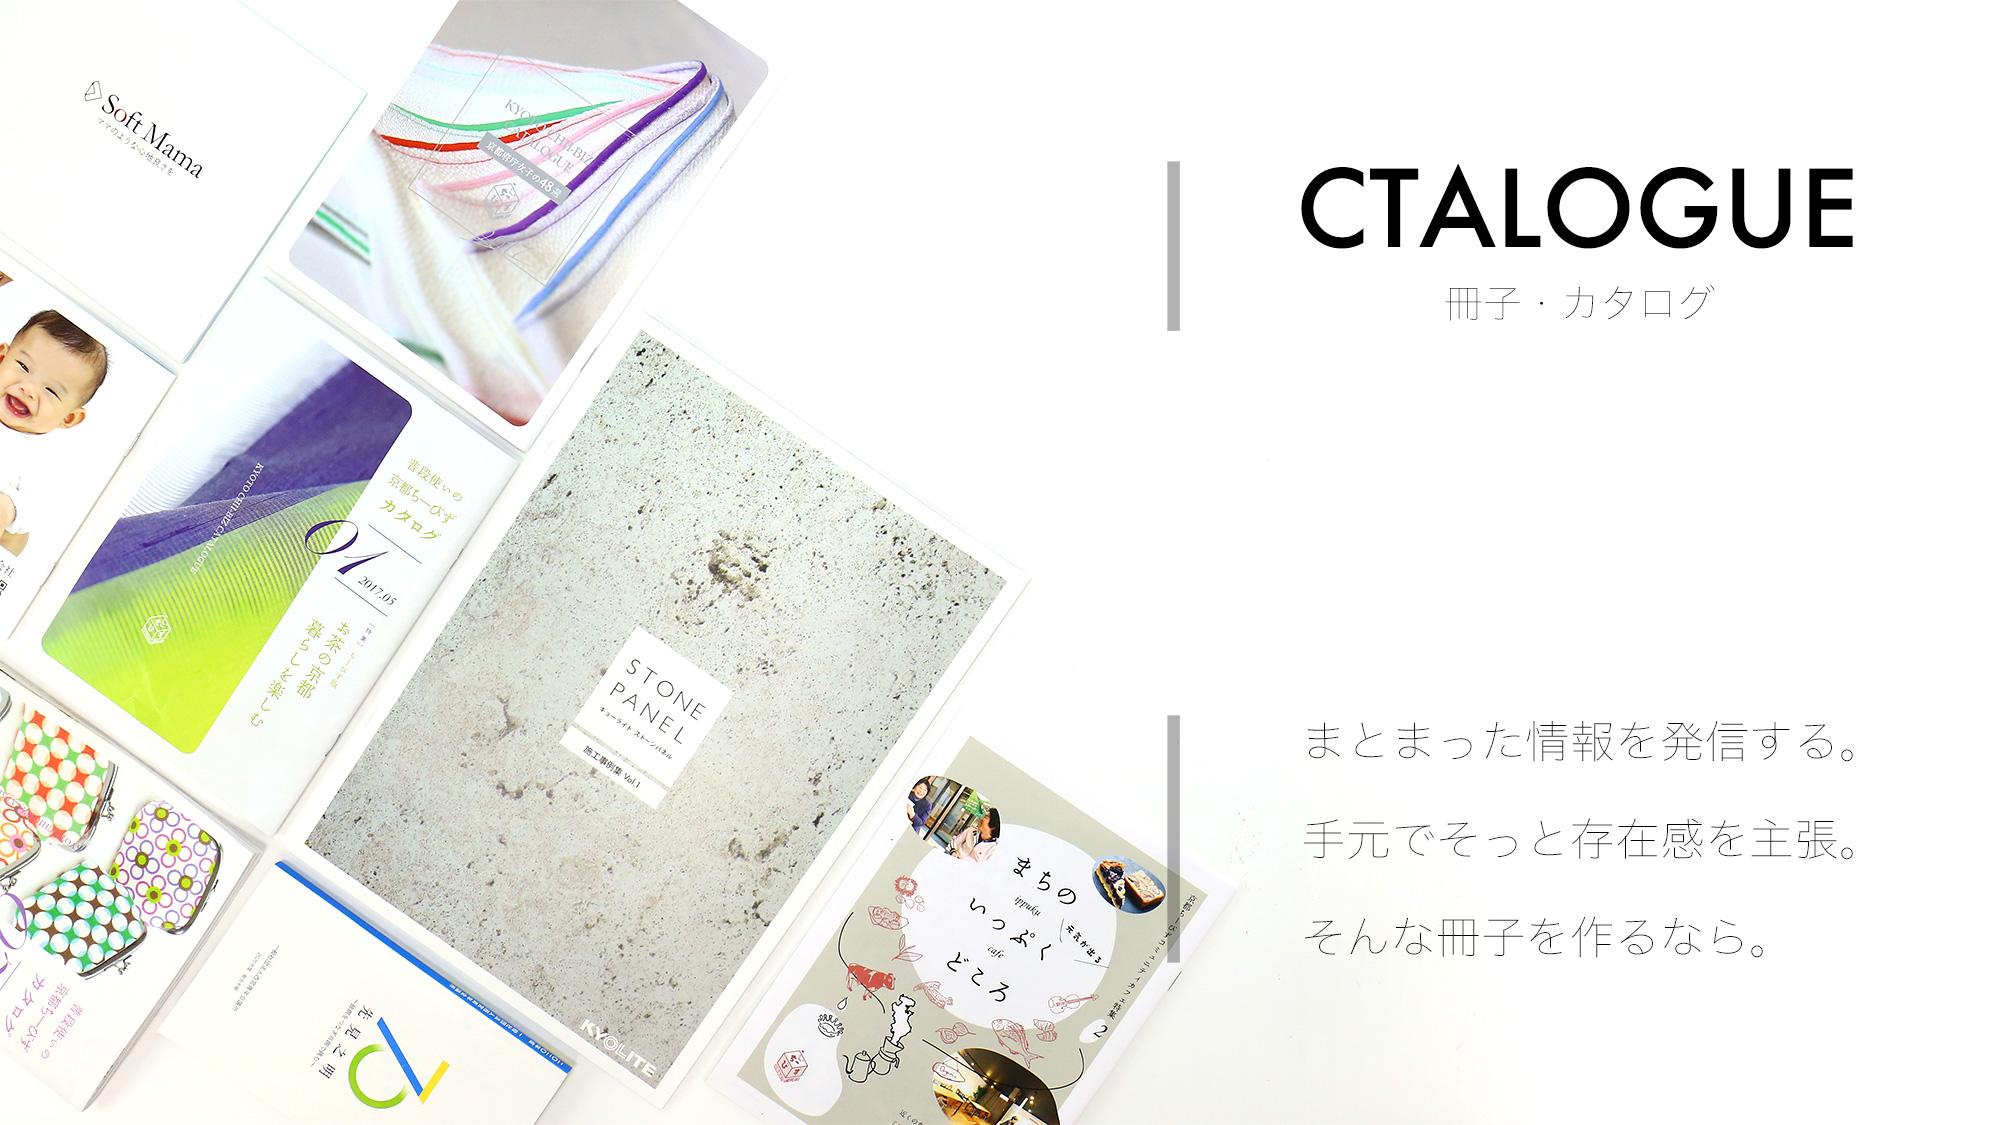 カタログ・中綴じ/無線綴じ冊子デザイン